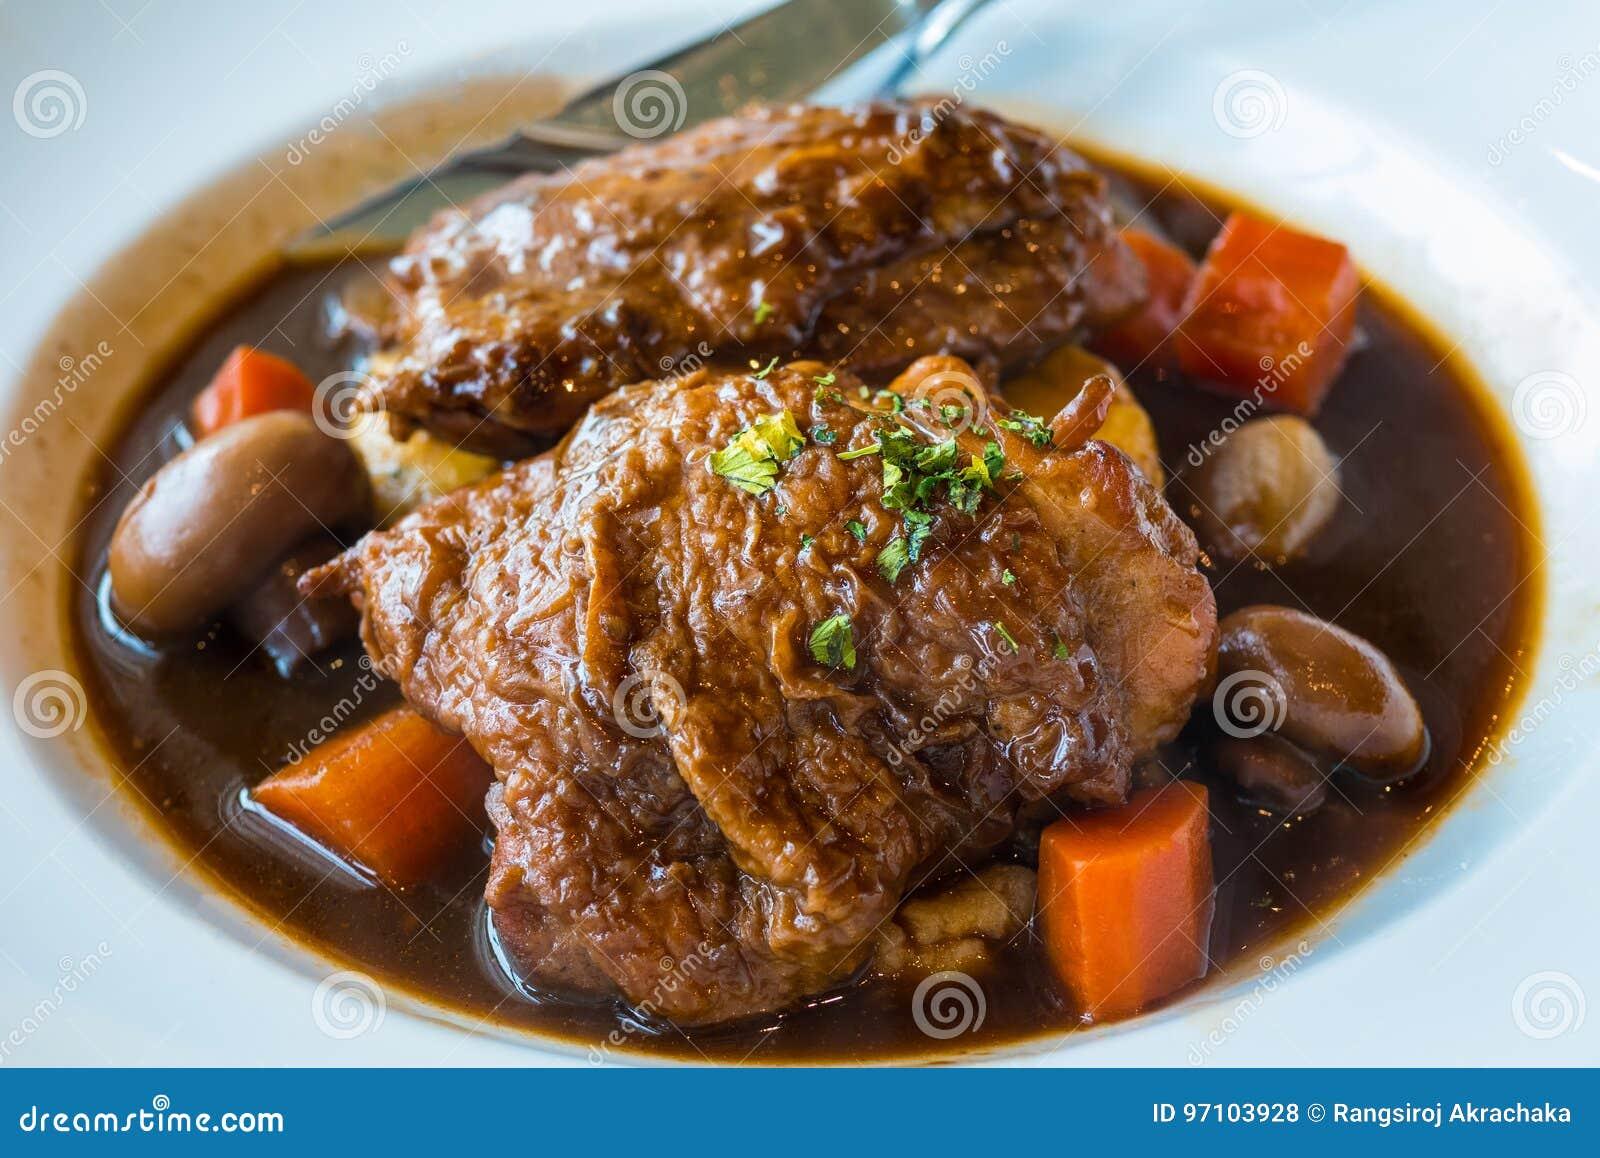 Gebratenes Huhn mit Schinken, Karotte und Pilz im Rotwein sauce mit Kartoffelpüree